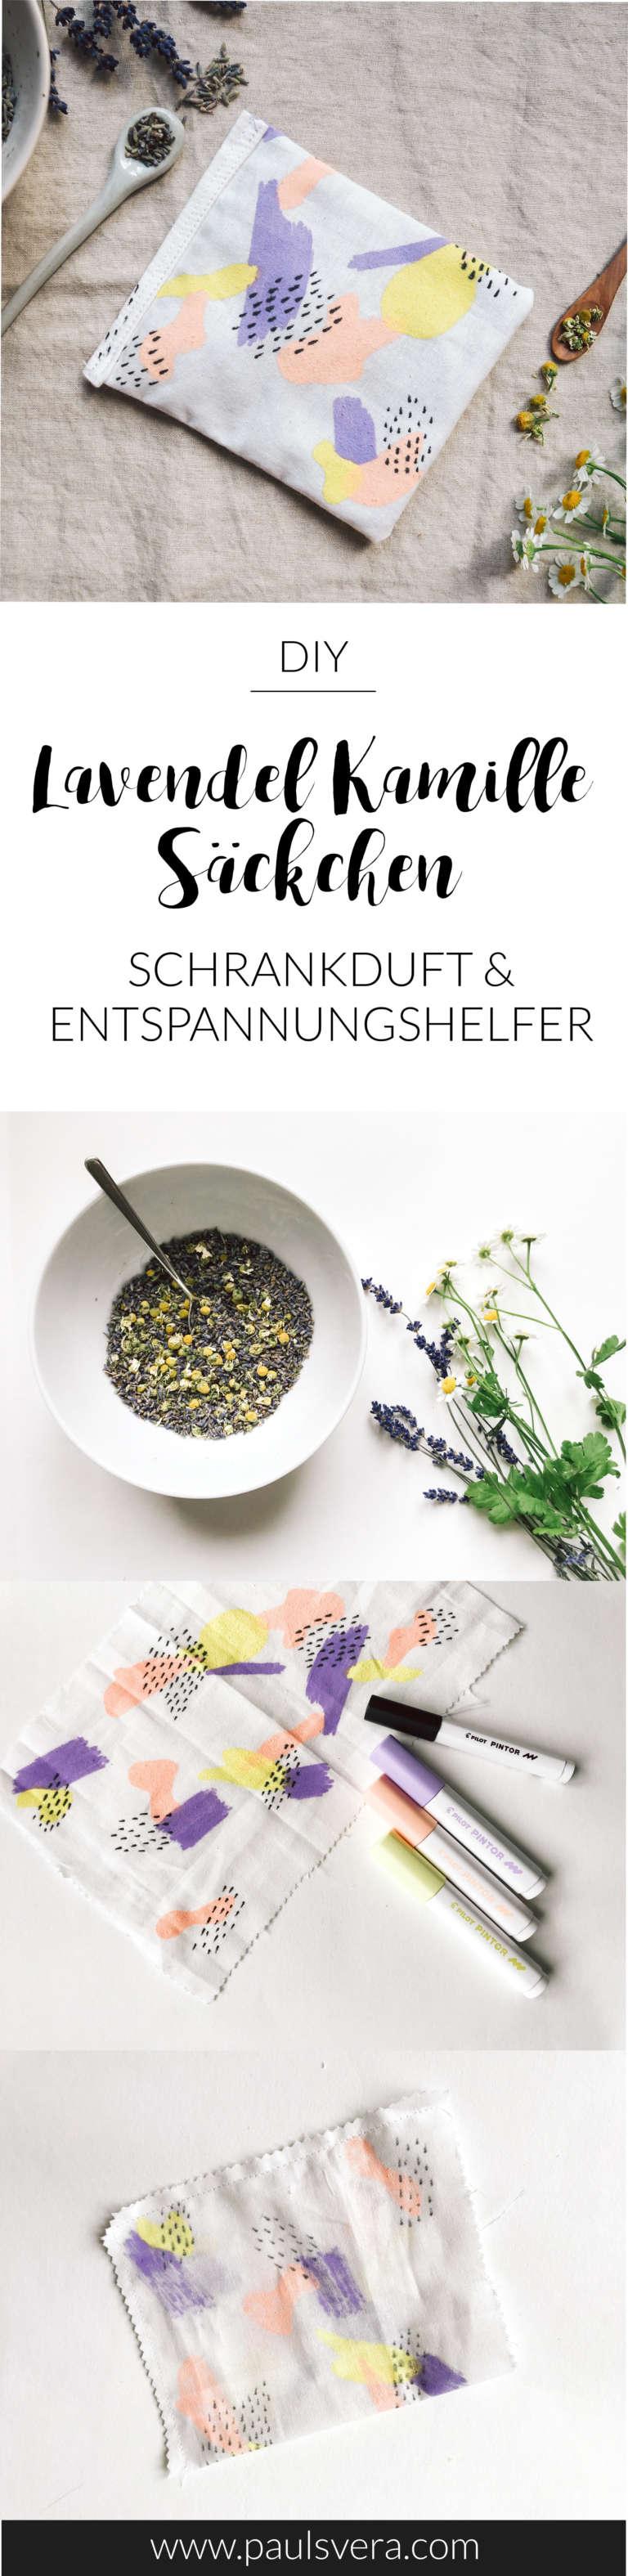 Anleitung Lavendel Kamillen Kissen Schrankduft Entspannungskissen Selber Machen Geschenkidee Selbstgemacht Paulsvera